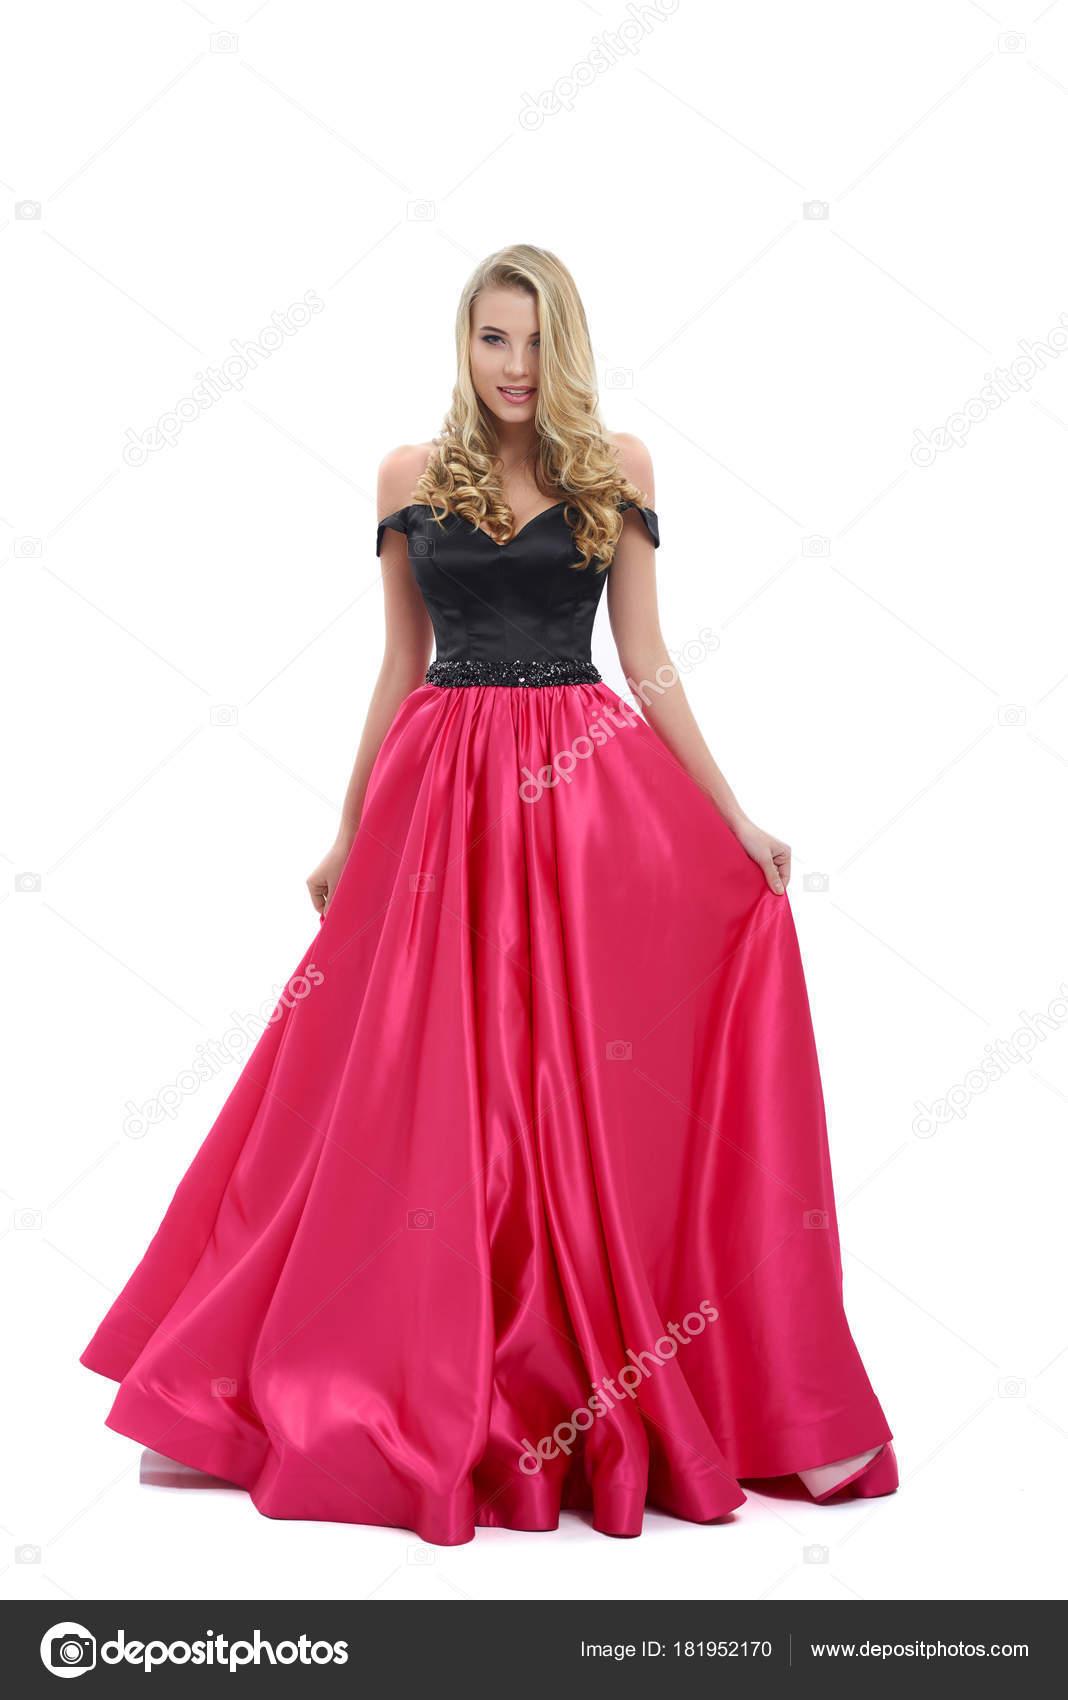 94f7b2ec5f9 Замечательная девушка удивительно долго розовый и черный вечернее платье.  Хороший выбор для выпускного вечера. Девочка очень красивая и блондинка  вьющиеся ...